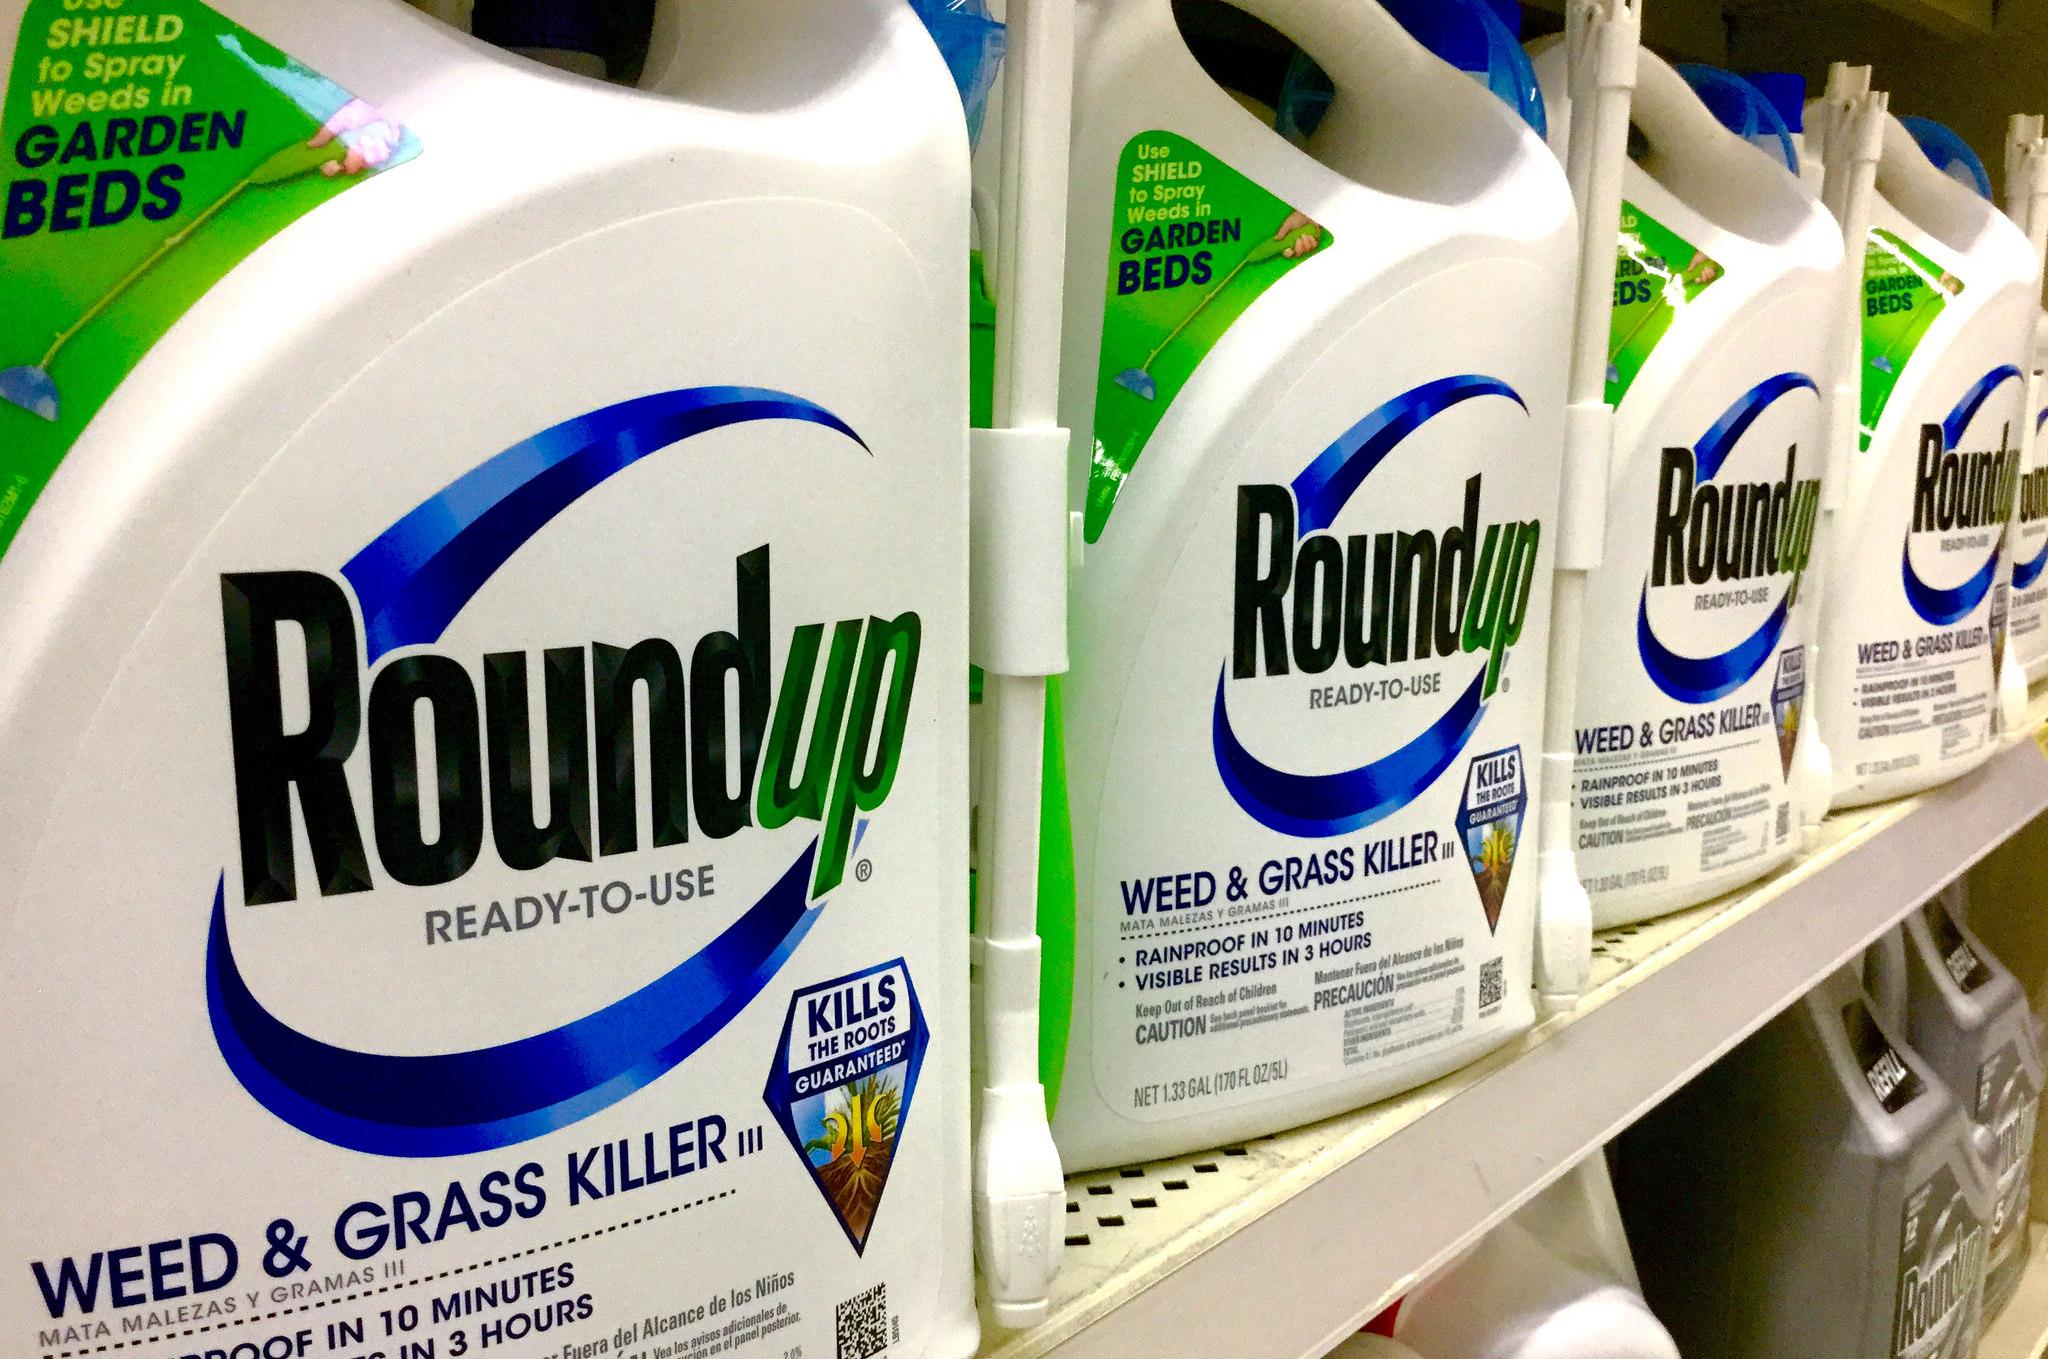 La question du jour: Glyphosate, oeufs contaminés: après ces controverses sanitaires, faites-vous plus attention à ce que vous consommez?